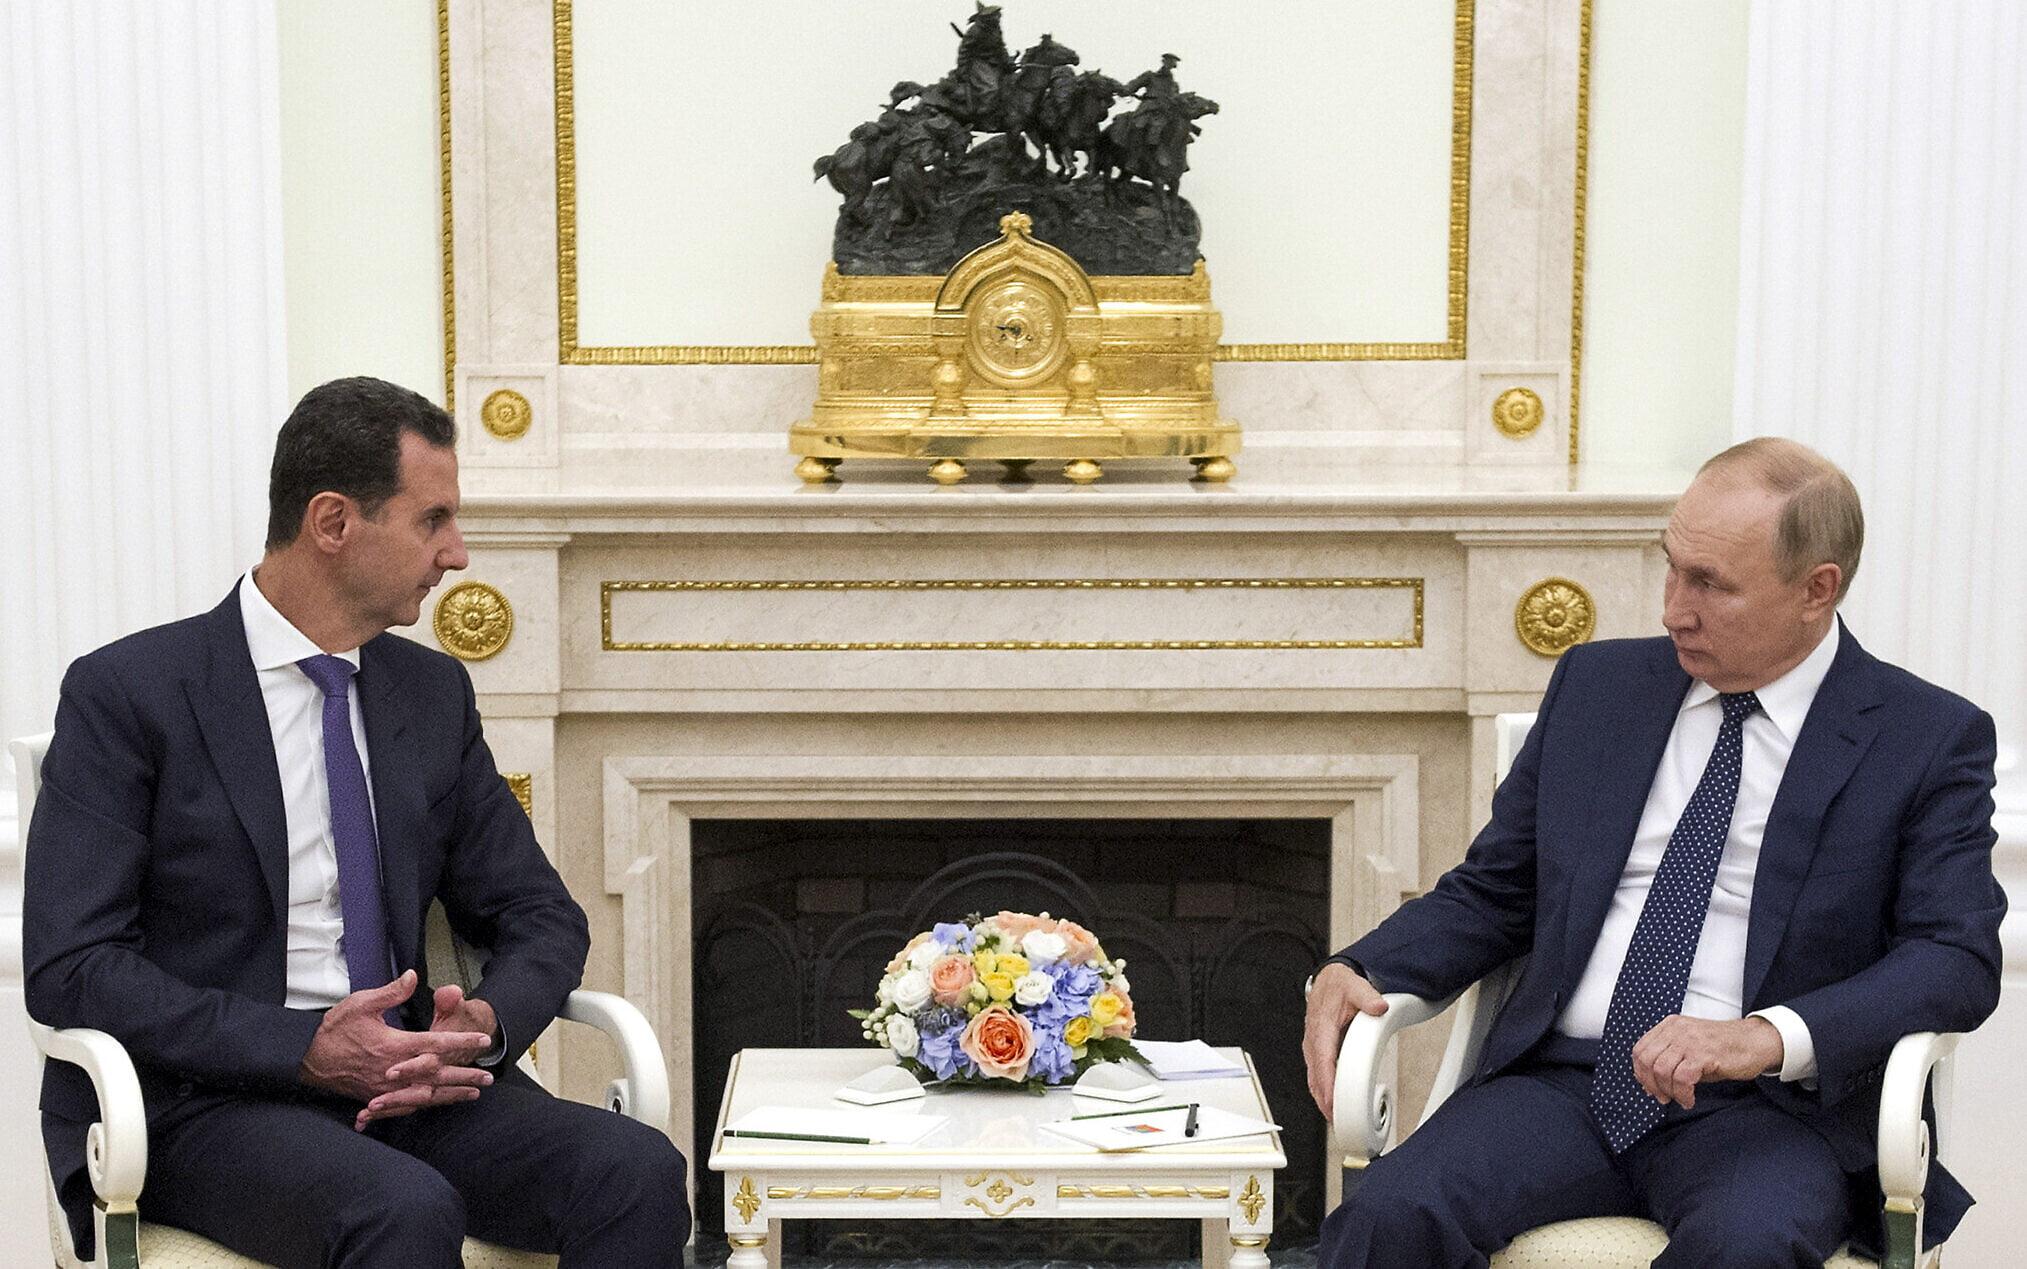 Επίσκεψη Άσαντ στη Μόσχα και συνάντηση με Πούτιν